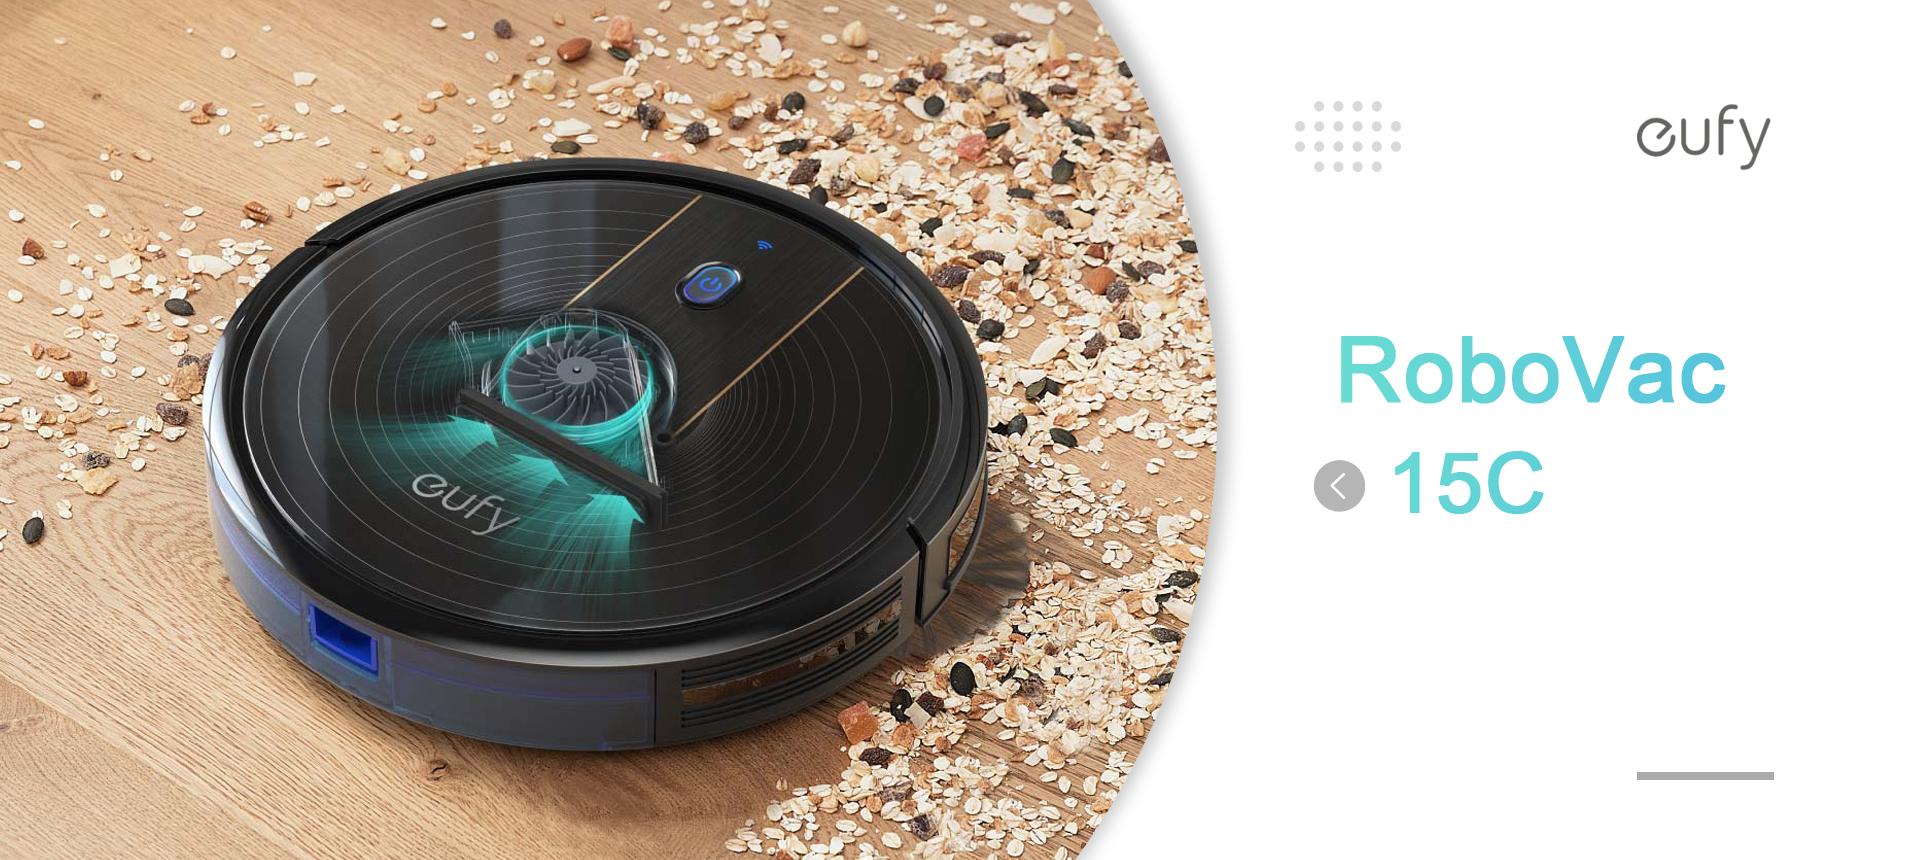 eufy RoboVac 15C